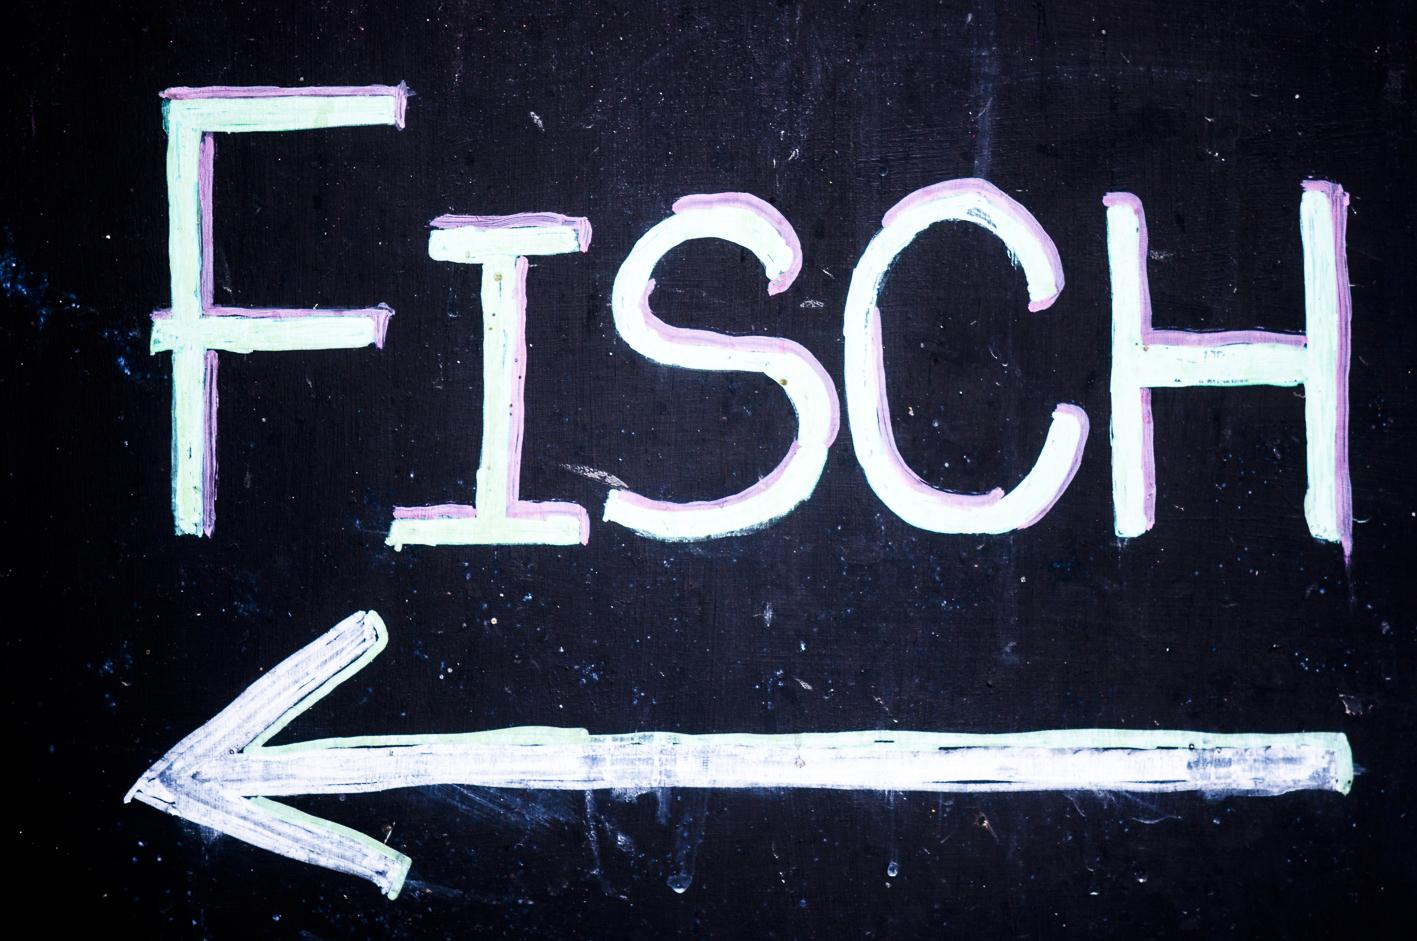 Biofisch-Verkostung, Abfischen, Waldviertel, Bio 3.0, #biodreinull, Tasting_forum, Verkostung